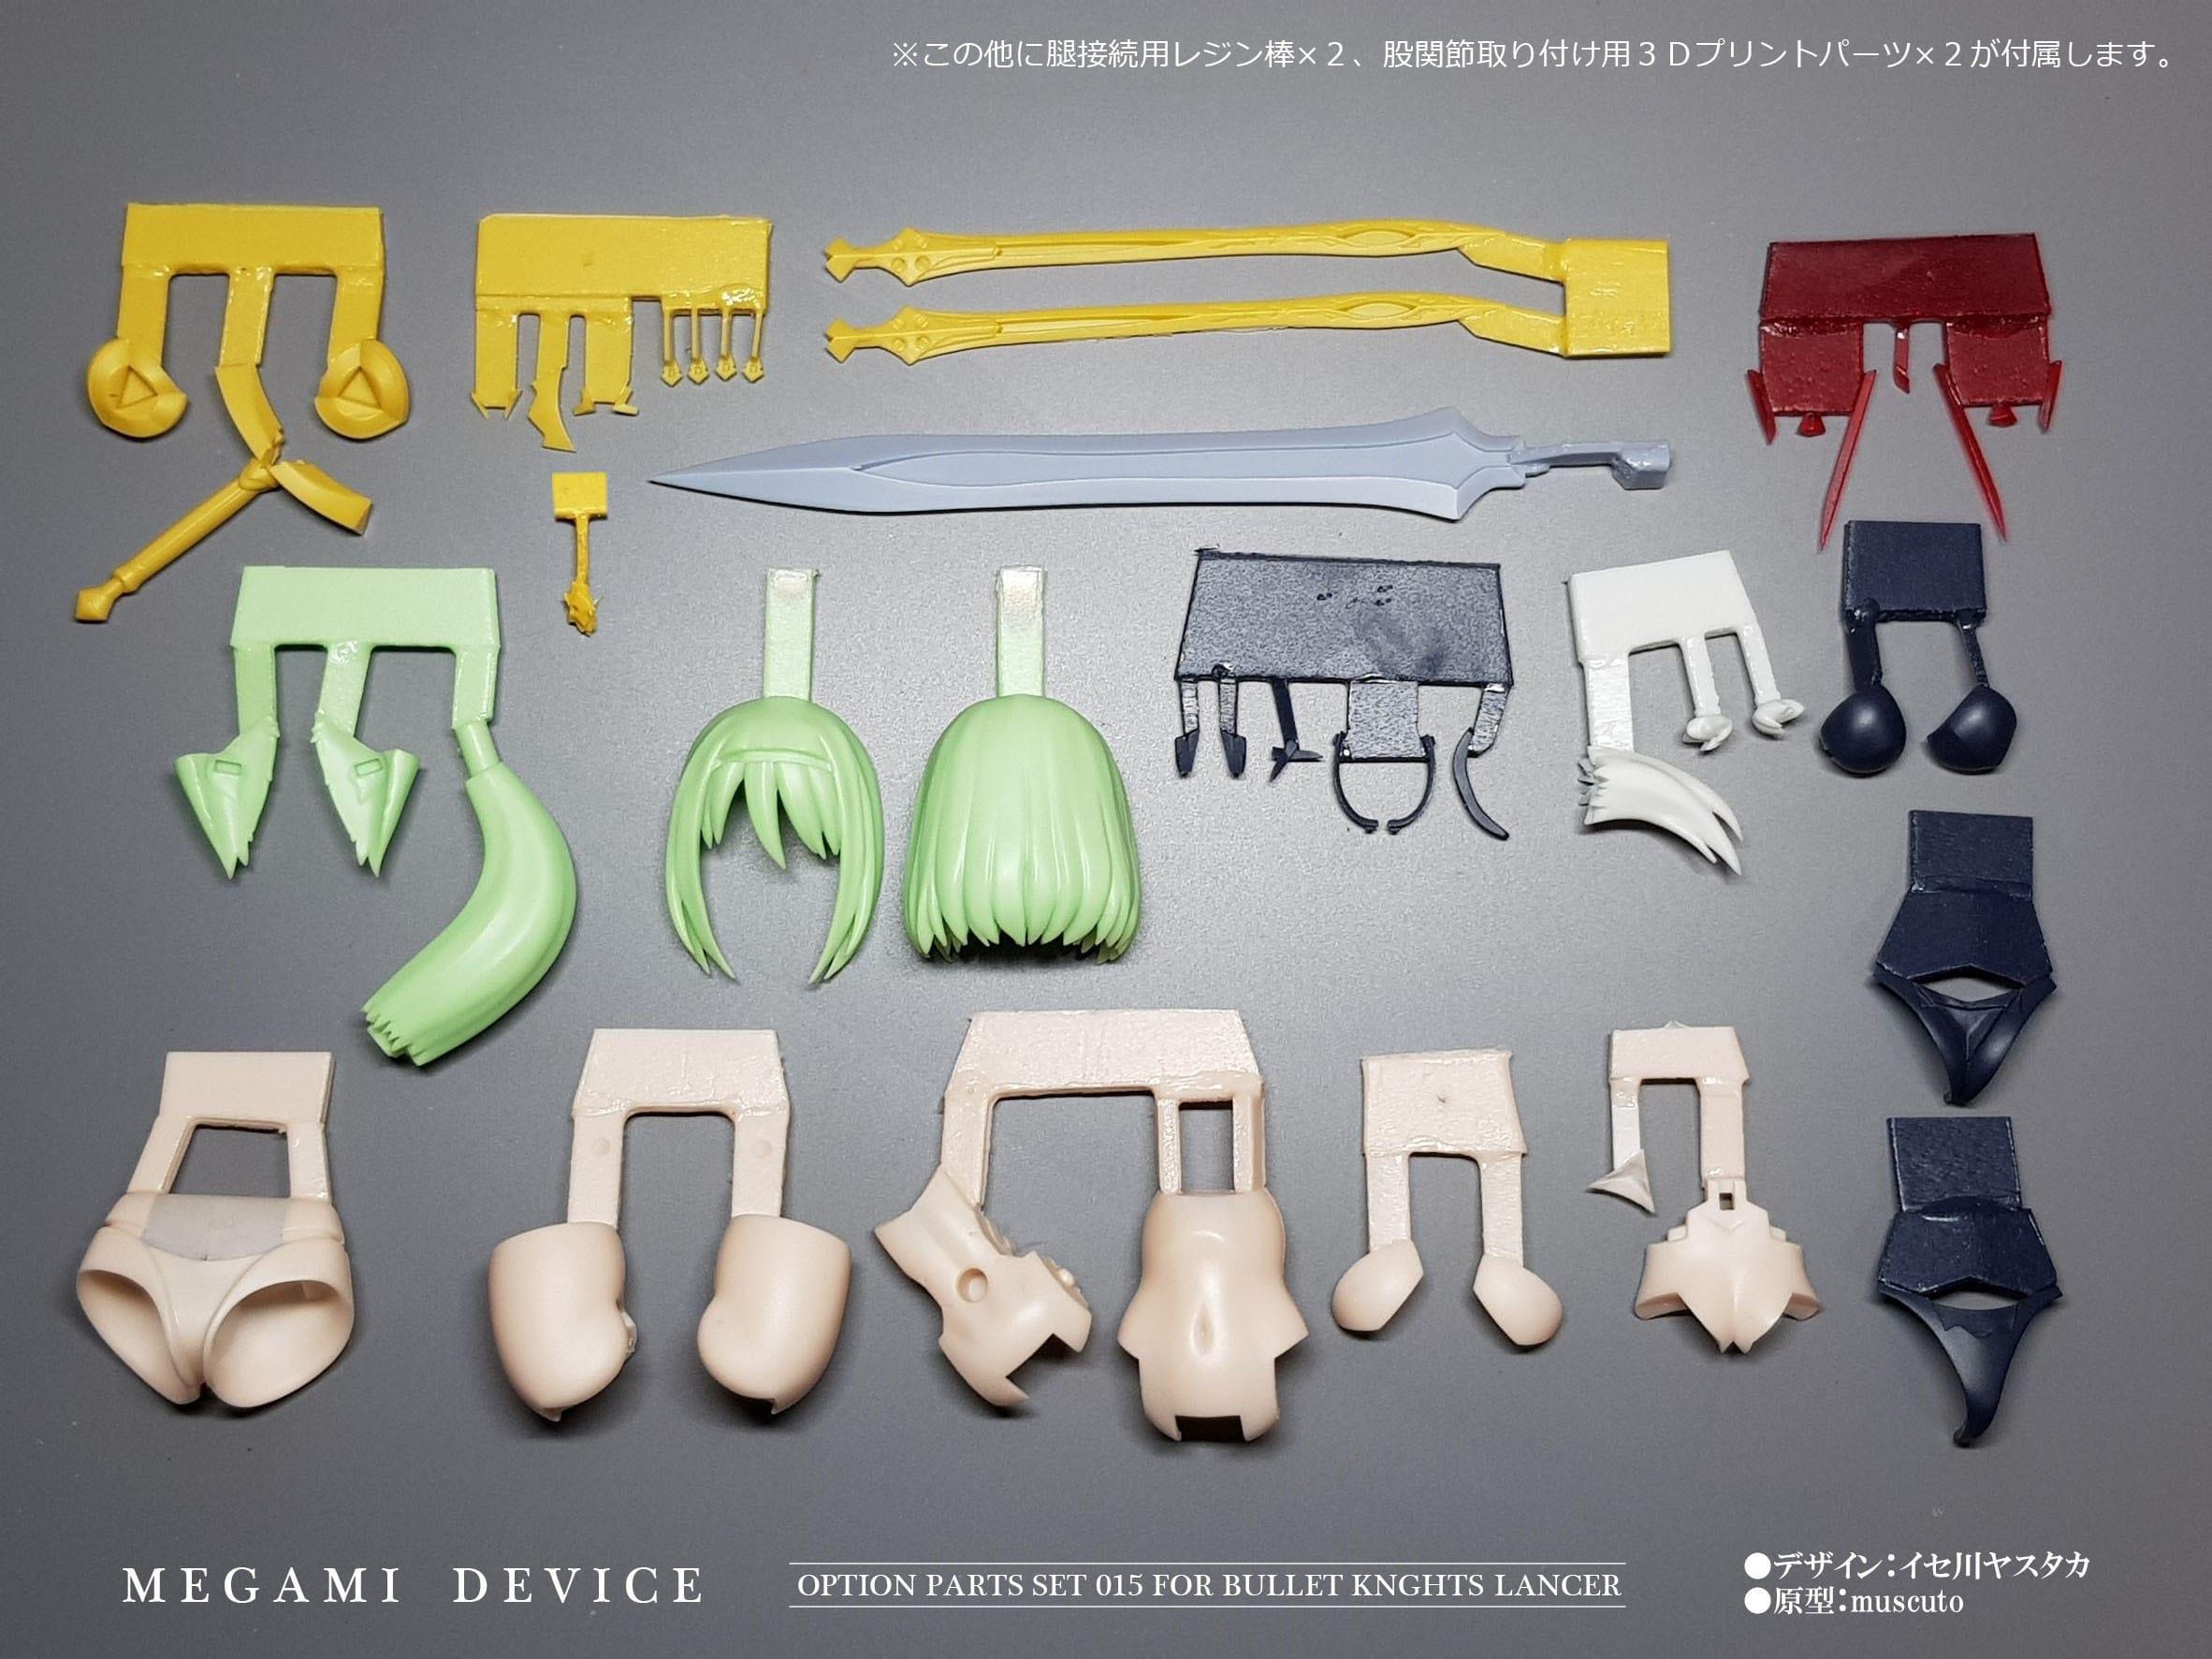 メガミデバイス改造パーツセット014 BULLET KNIGHTS ランチャー用(014 BULLET KNIGHTS ランチャー用)